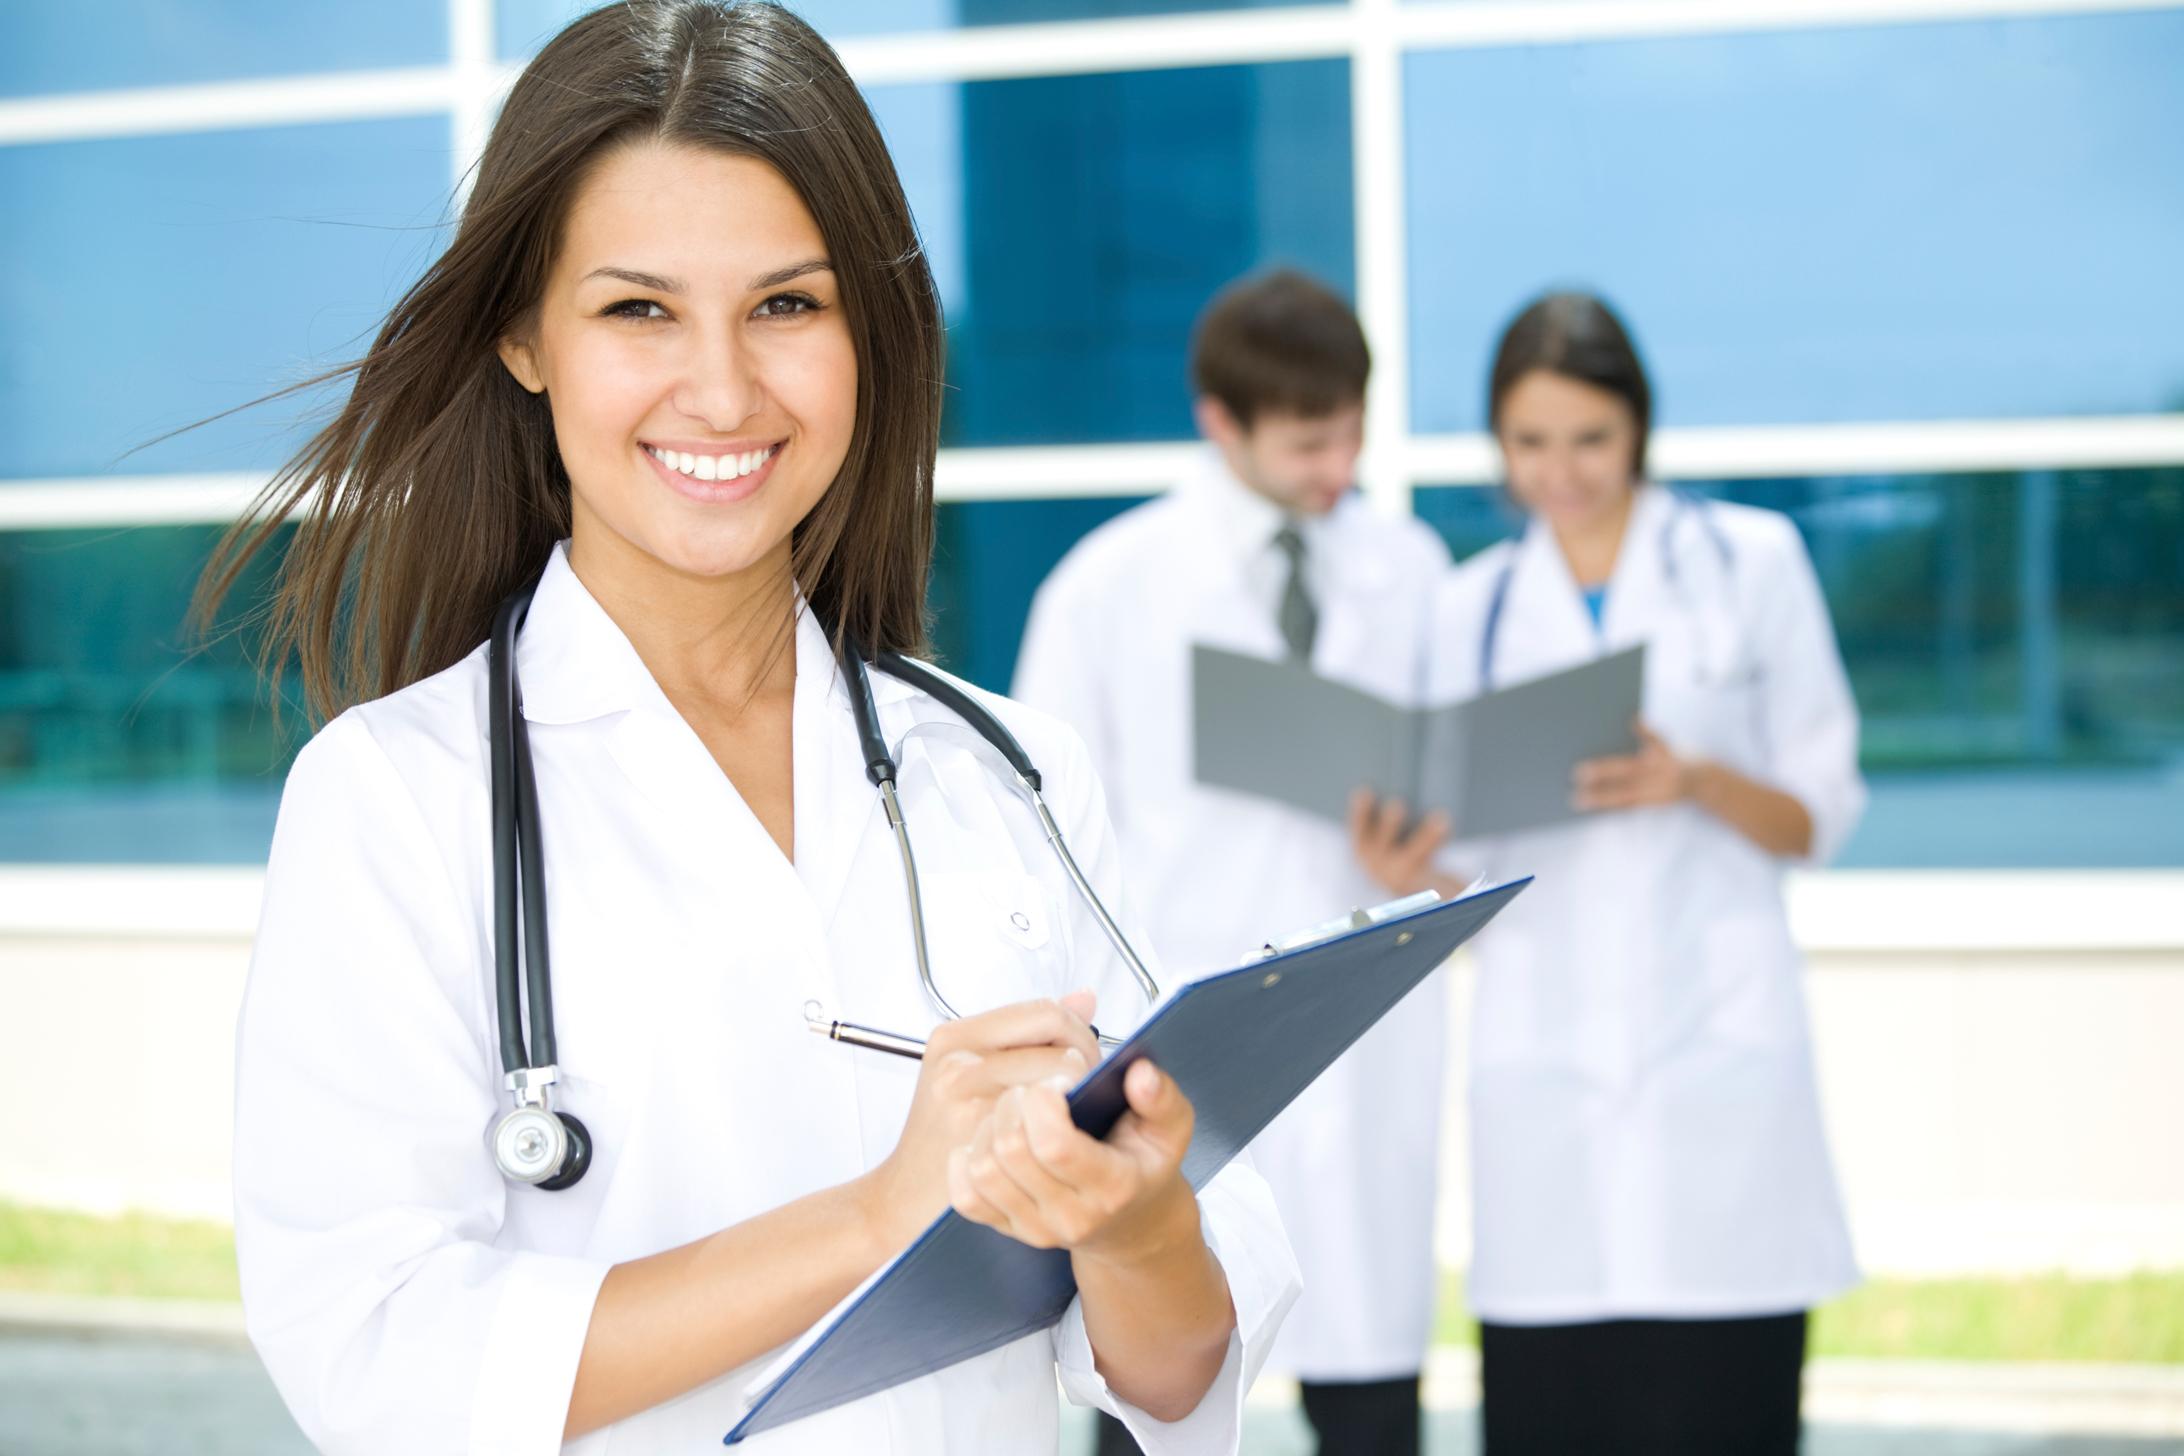 Студентка на приеме у врача 10 фотография